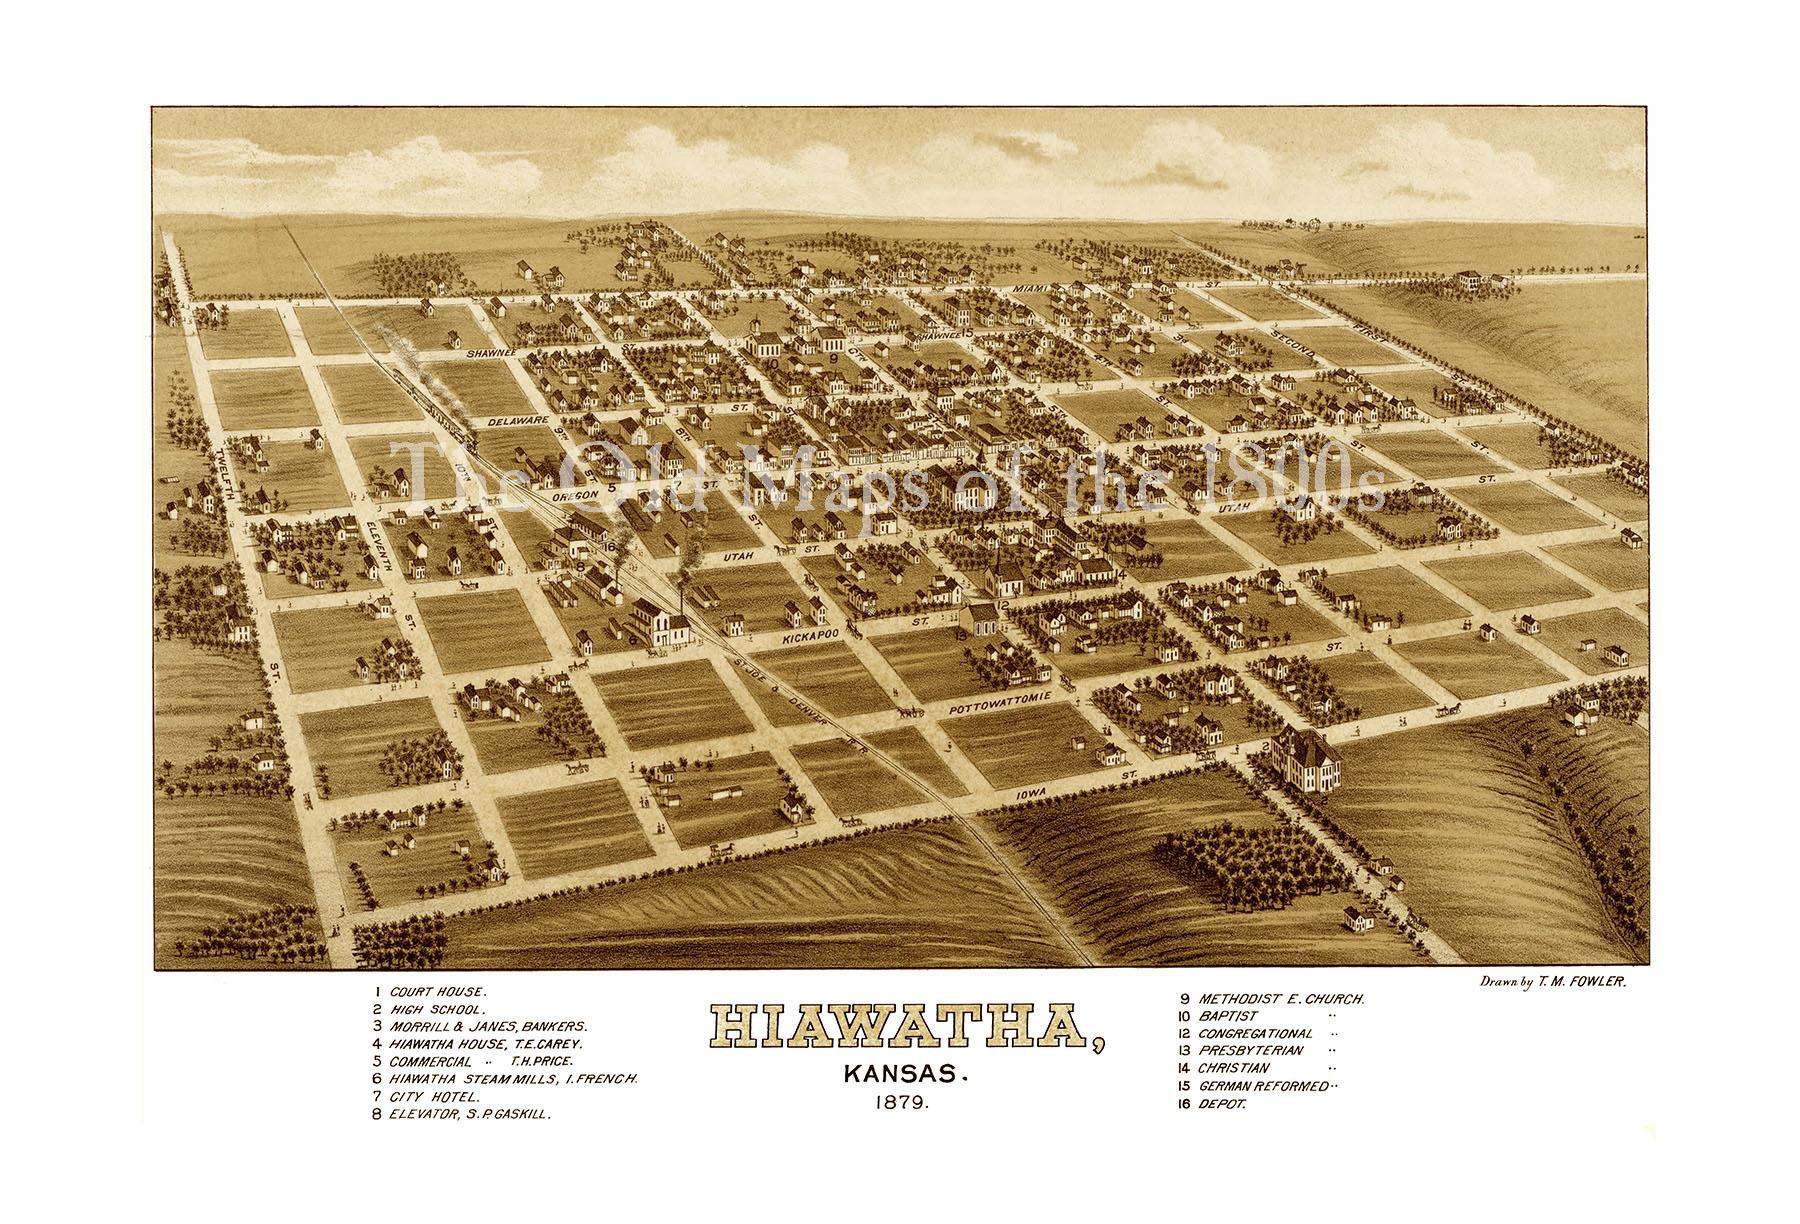 Hiawatha KS In 1879